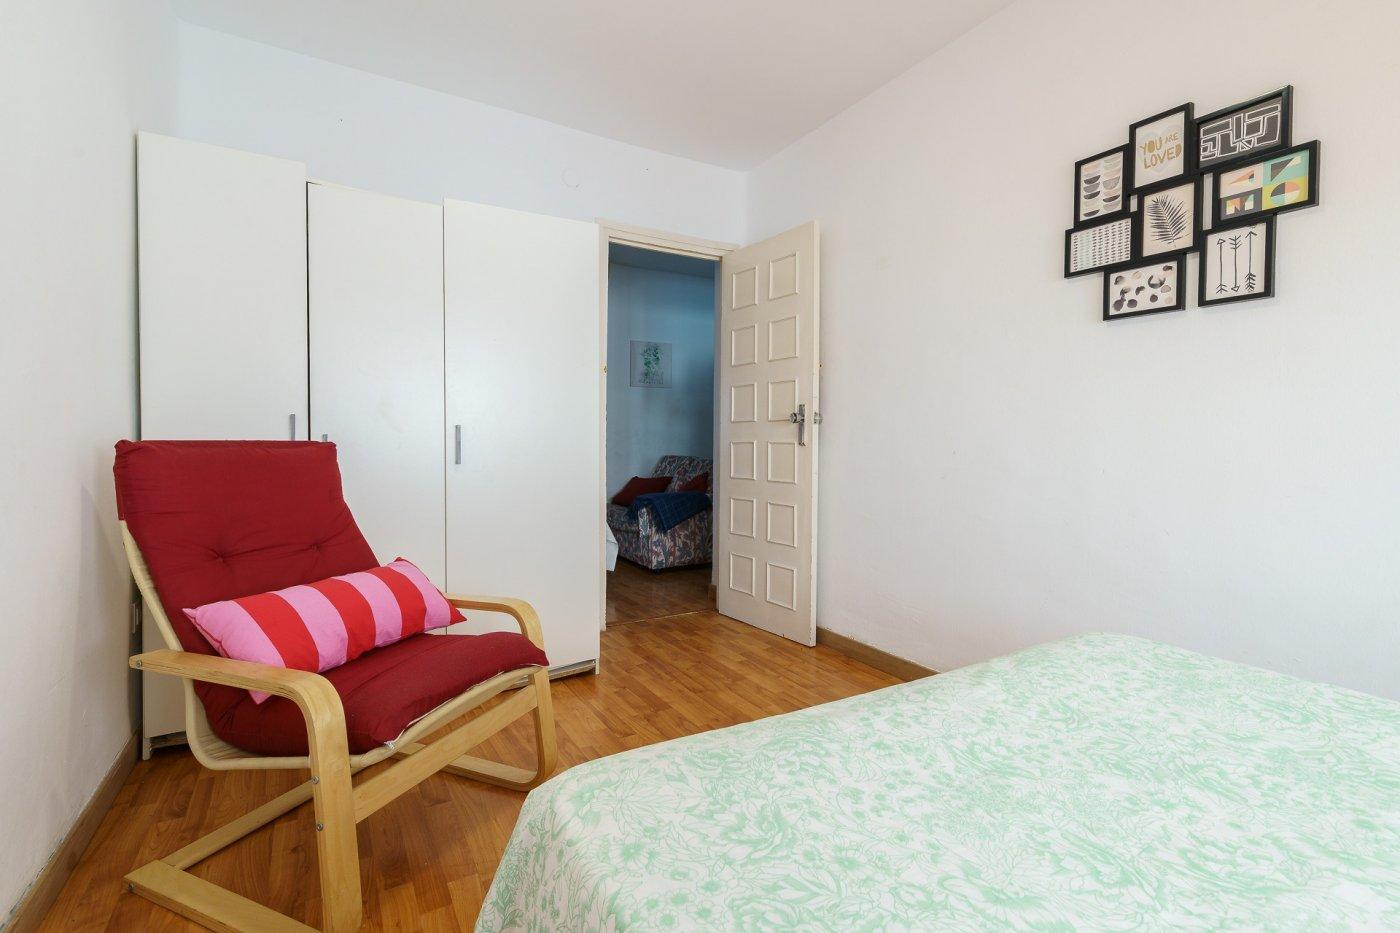 Piso · Málaga · Cruz De Humilladero-Los Tilos 99.500€€